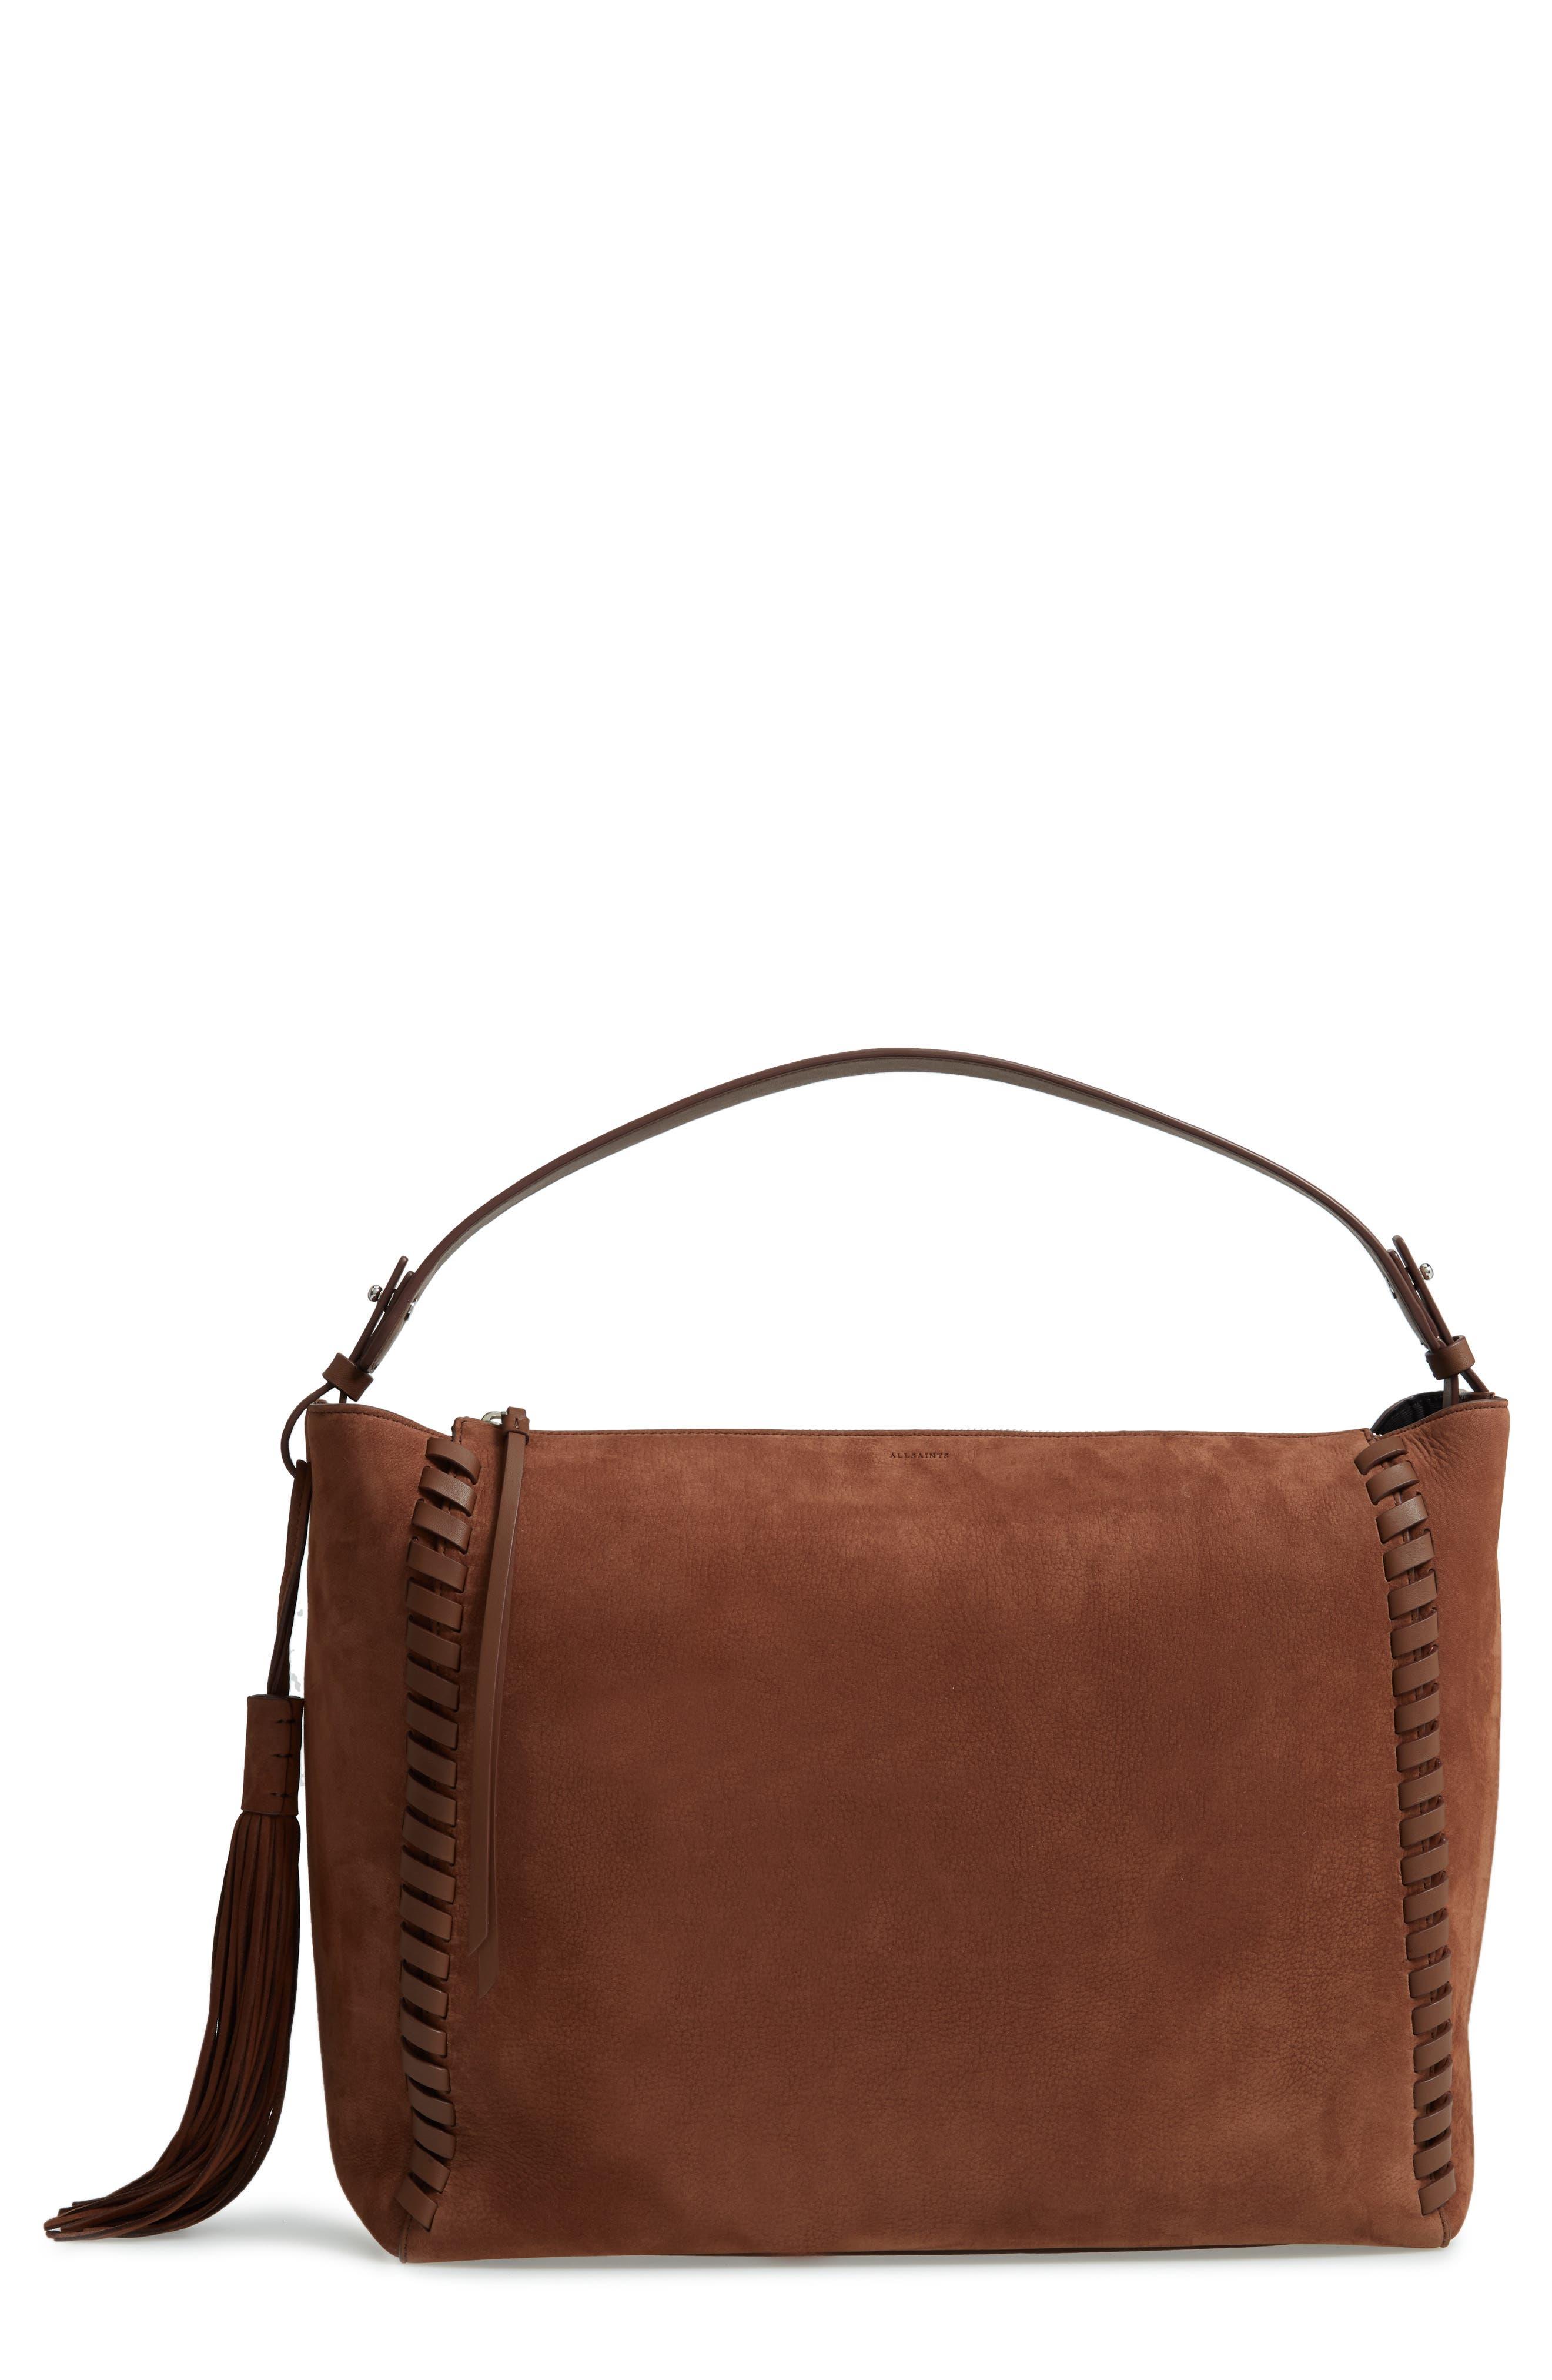 Kepi East/West Leather Shoulder Bag,                         Main,                         color, 210